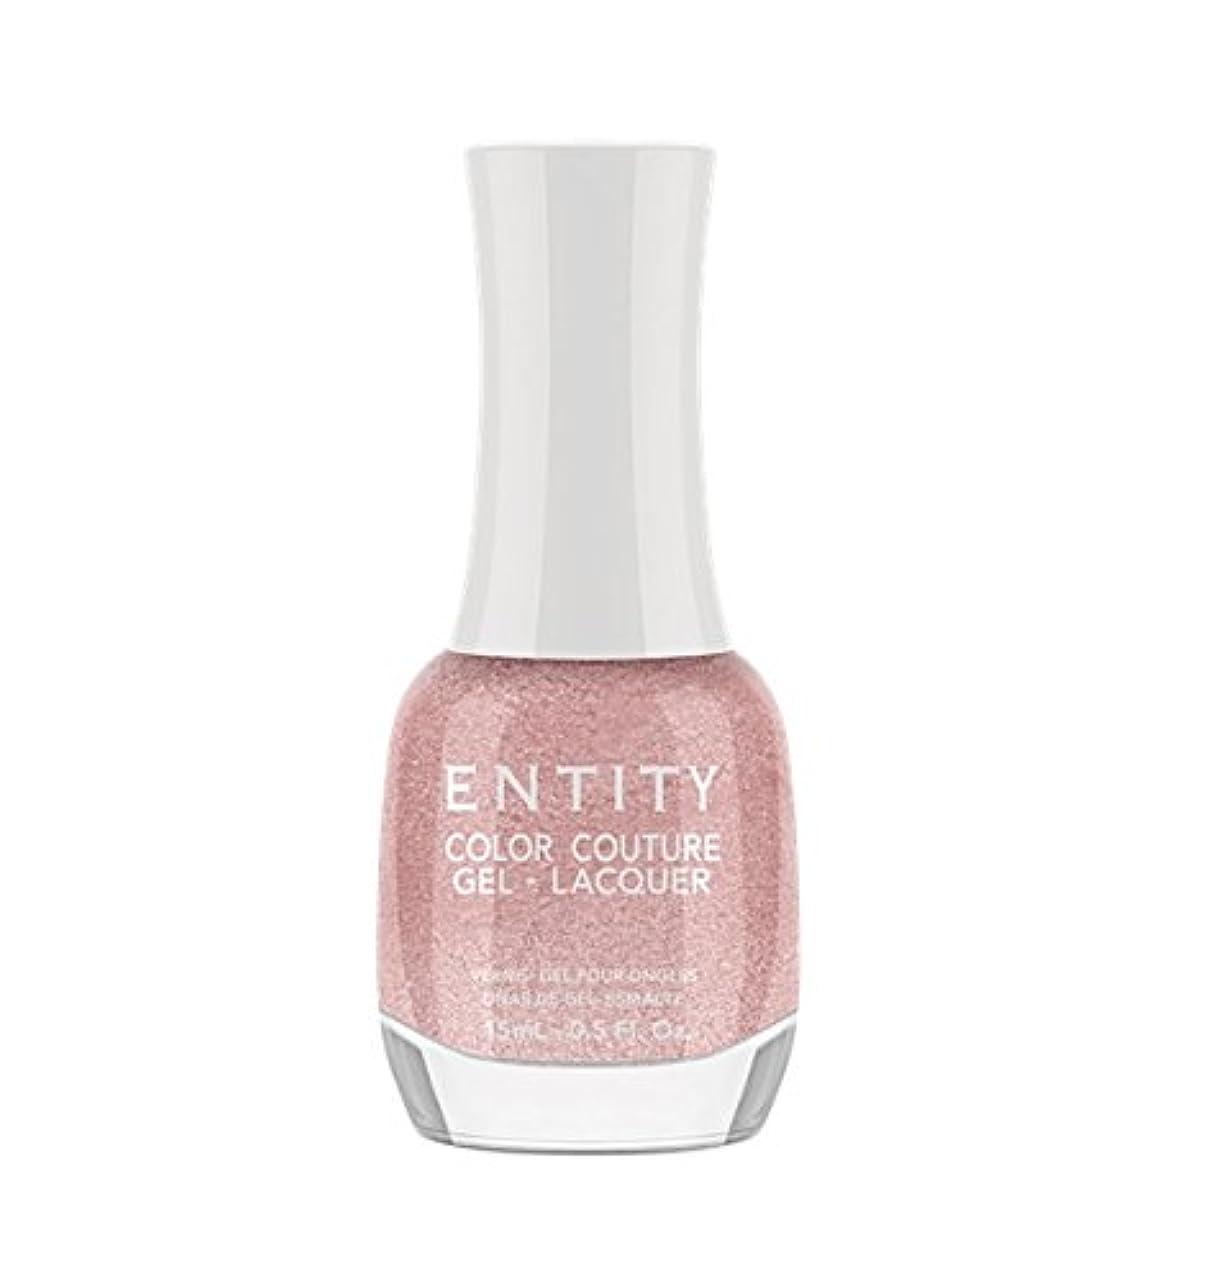 オーラル調べる寸前Entity Color Couture Gel-Lacquer - Slip Into Something Comfortable - 15 ml/0.5 oz